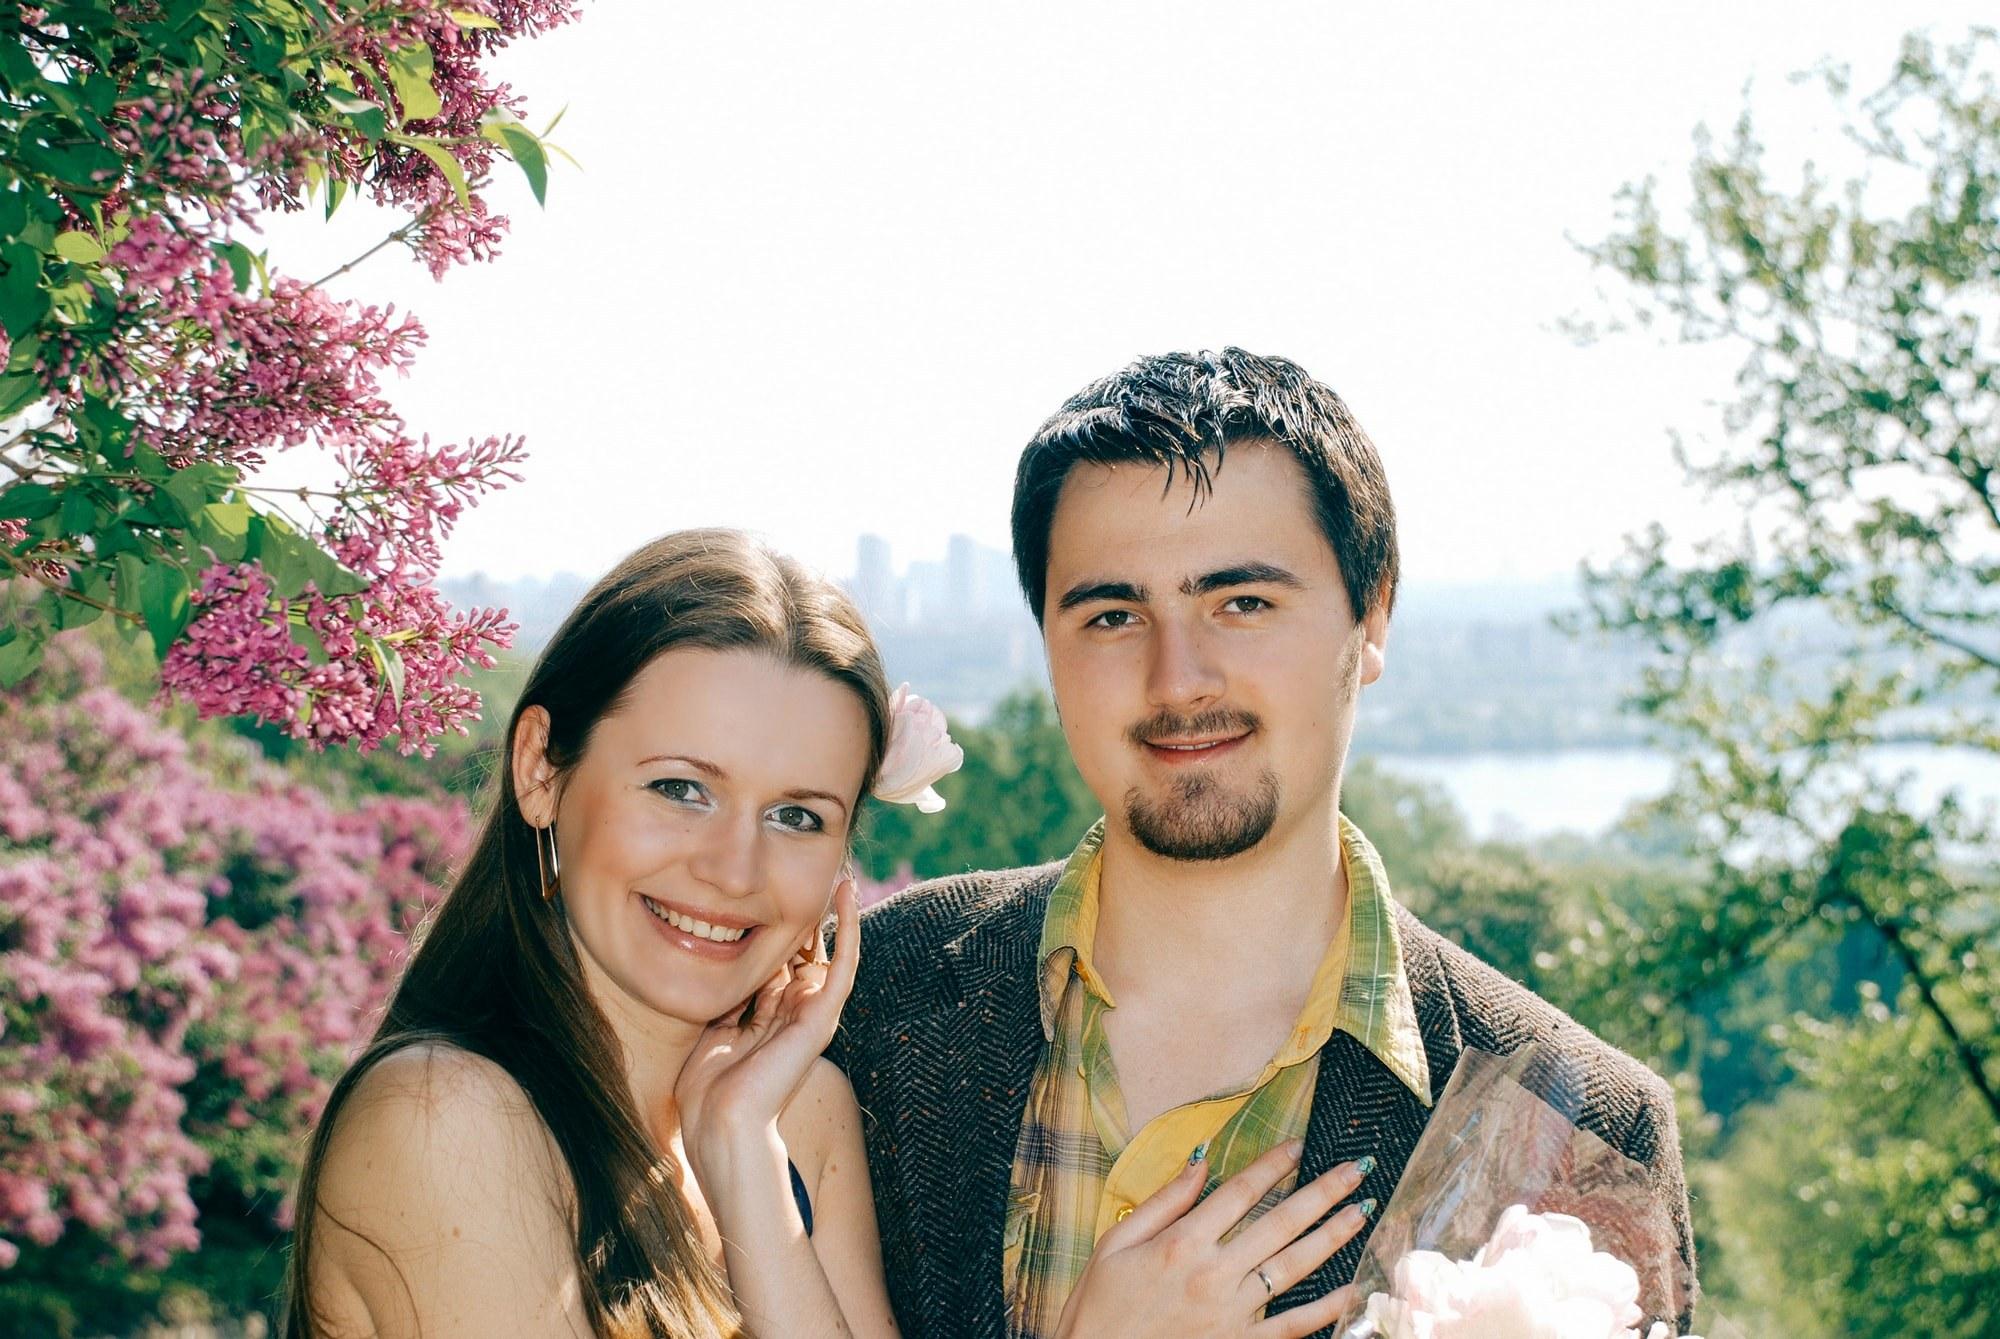 Влюбленная пара возле сирени - Фотограф Киев - Женя Лайт